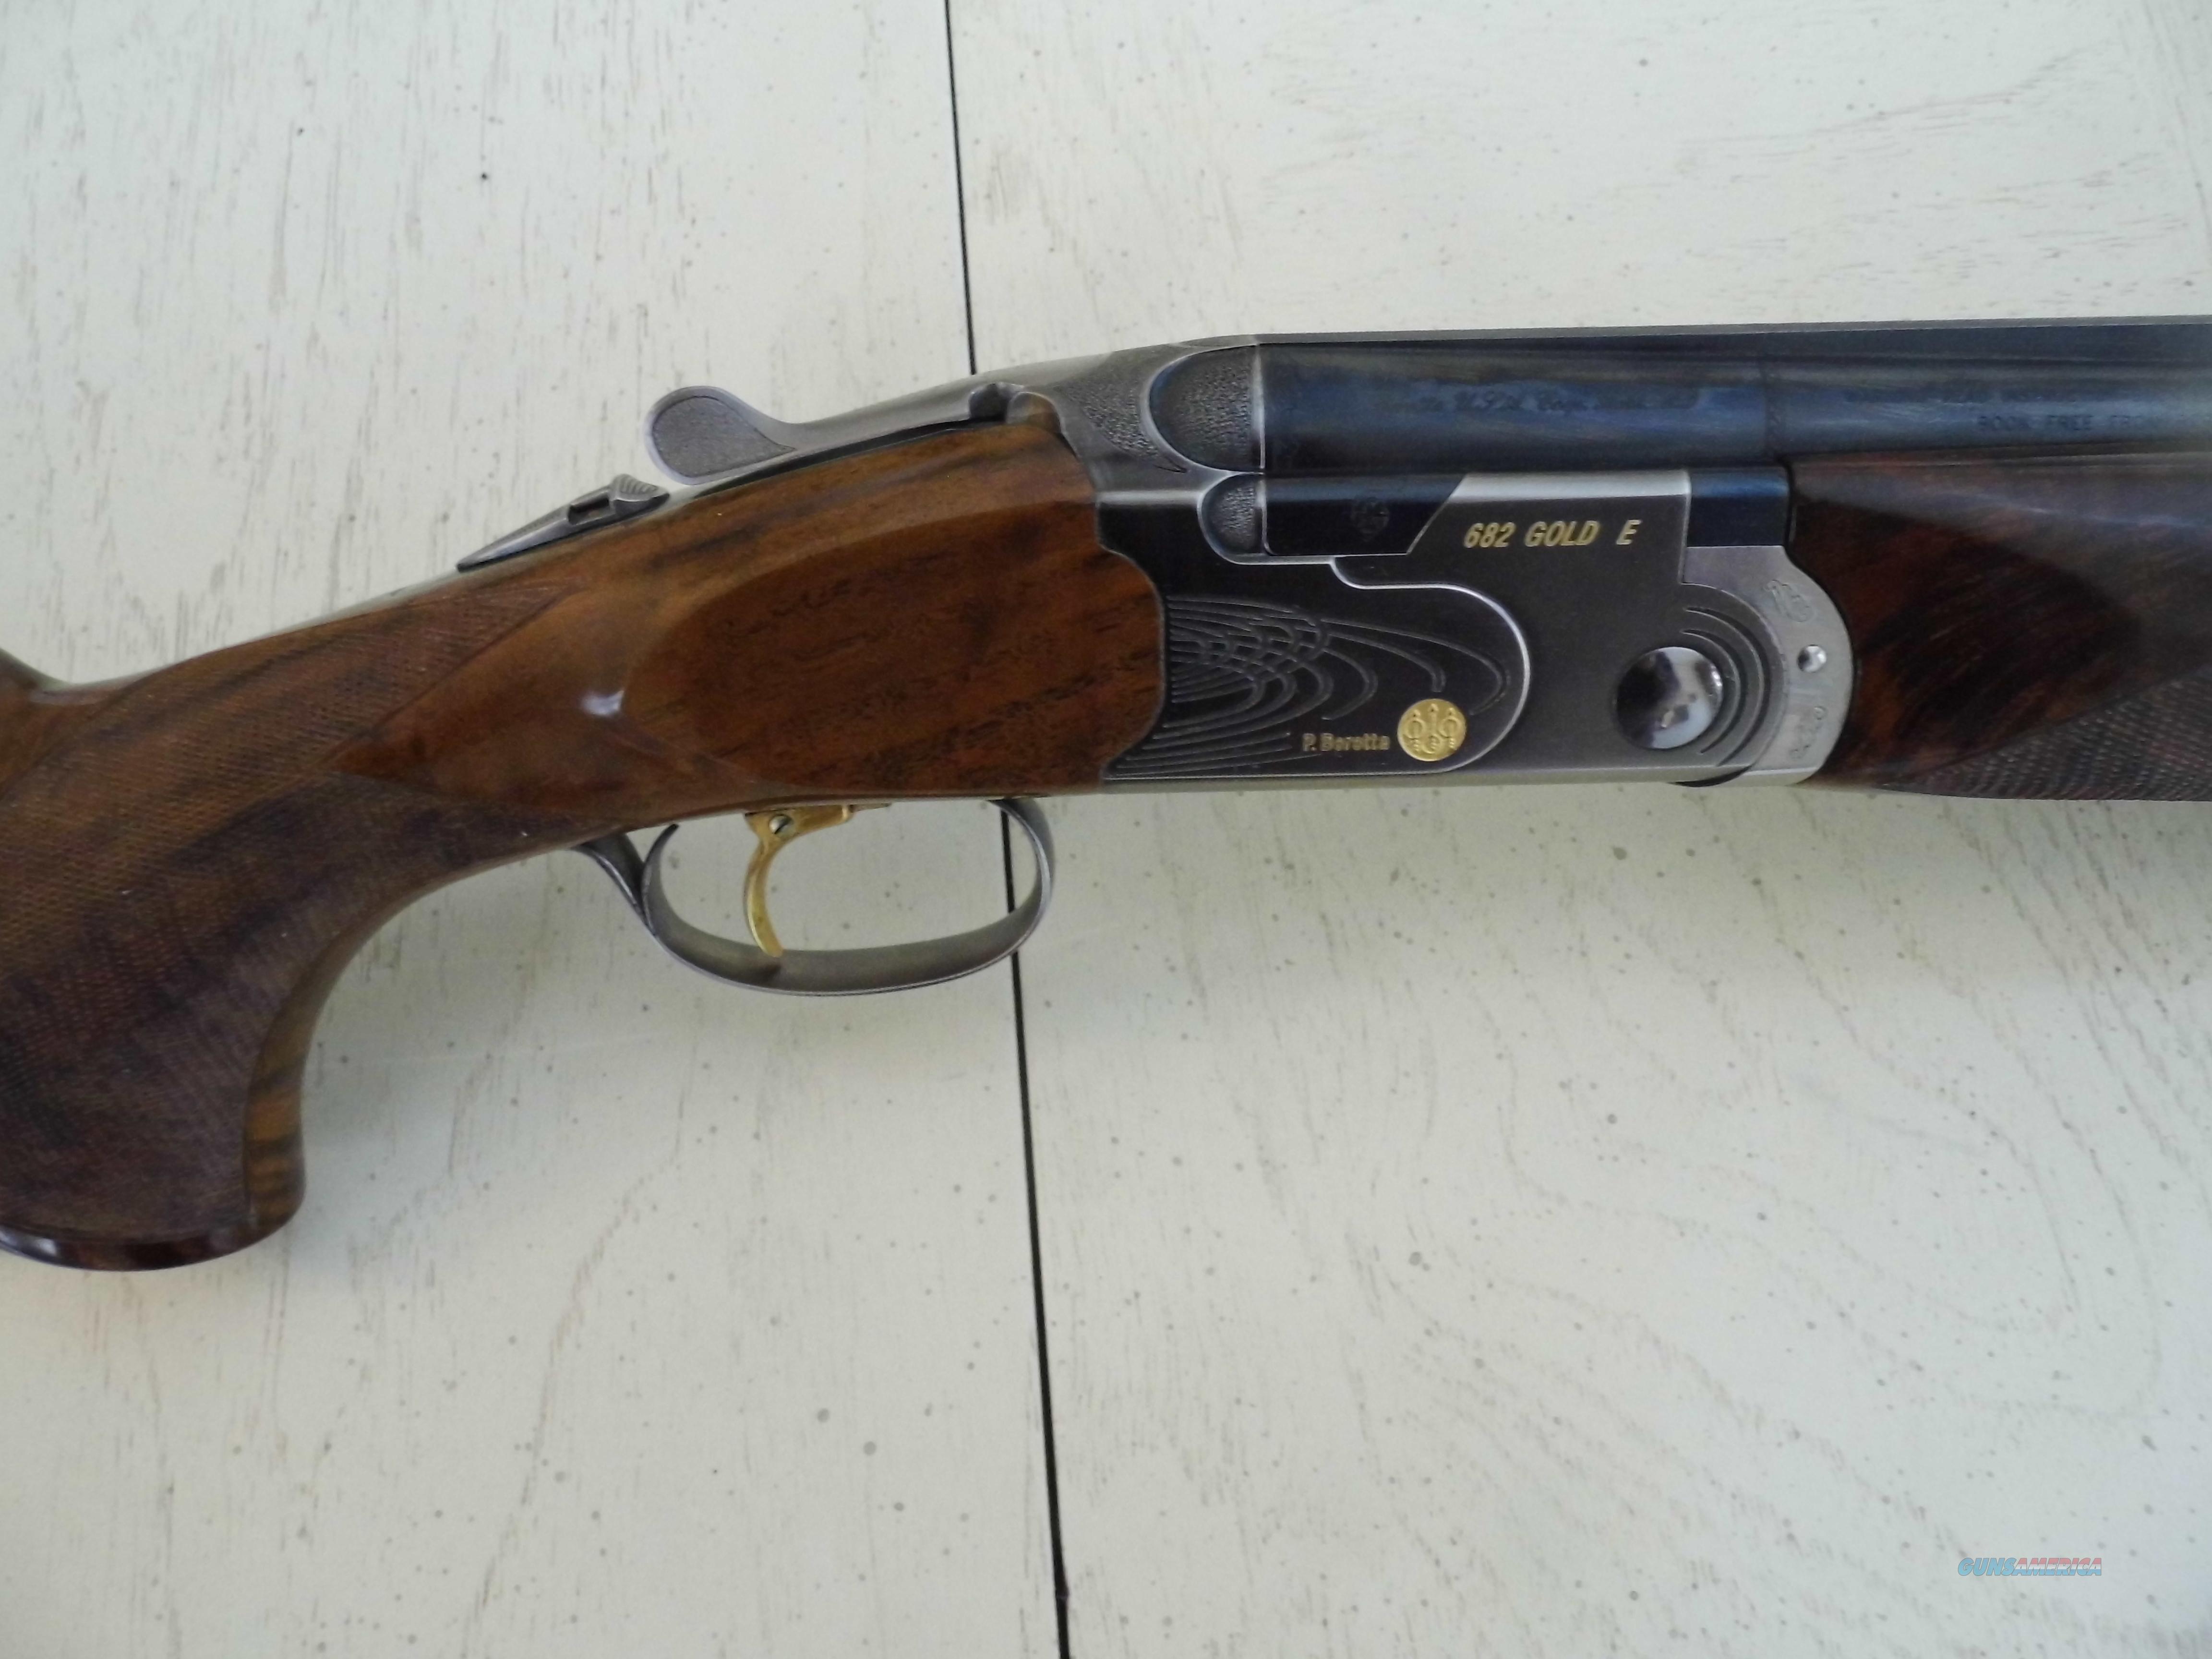 Beretta 682 Gold E, 12 GA. O/U Sporting Clays  Guns > Shotguns > Beretta Shotguns > O/U > Trap/Skeet